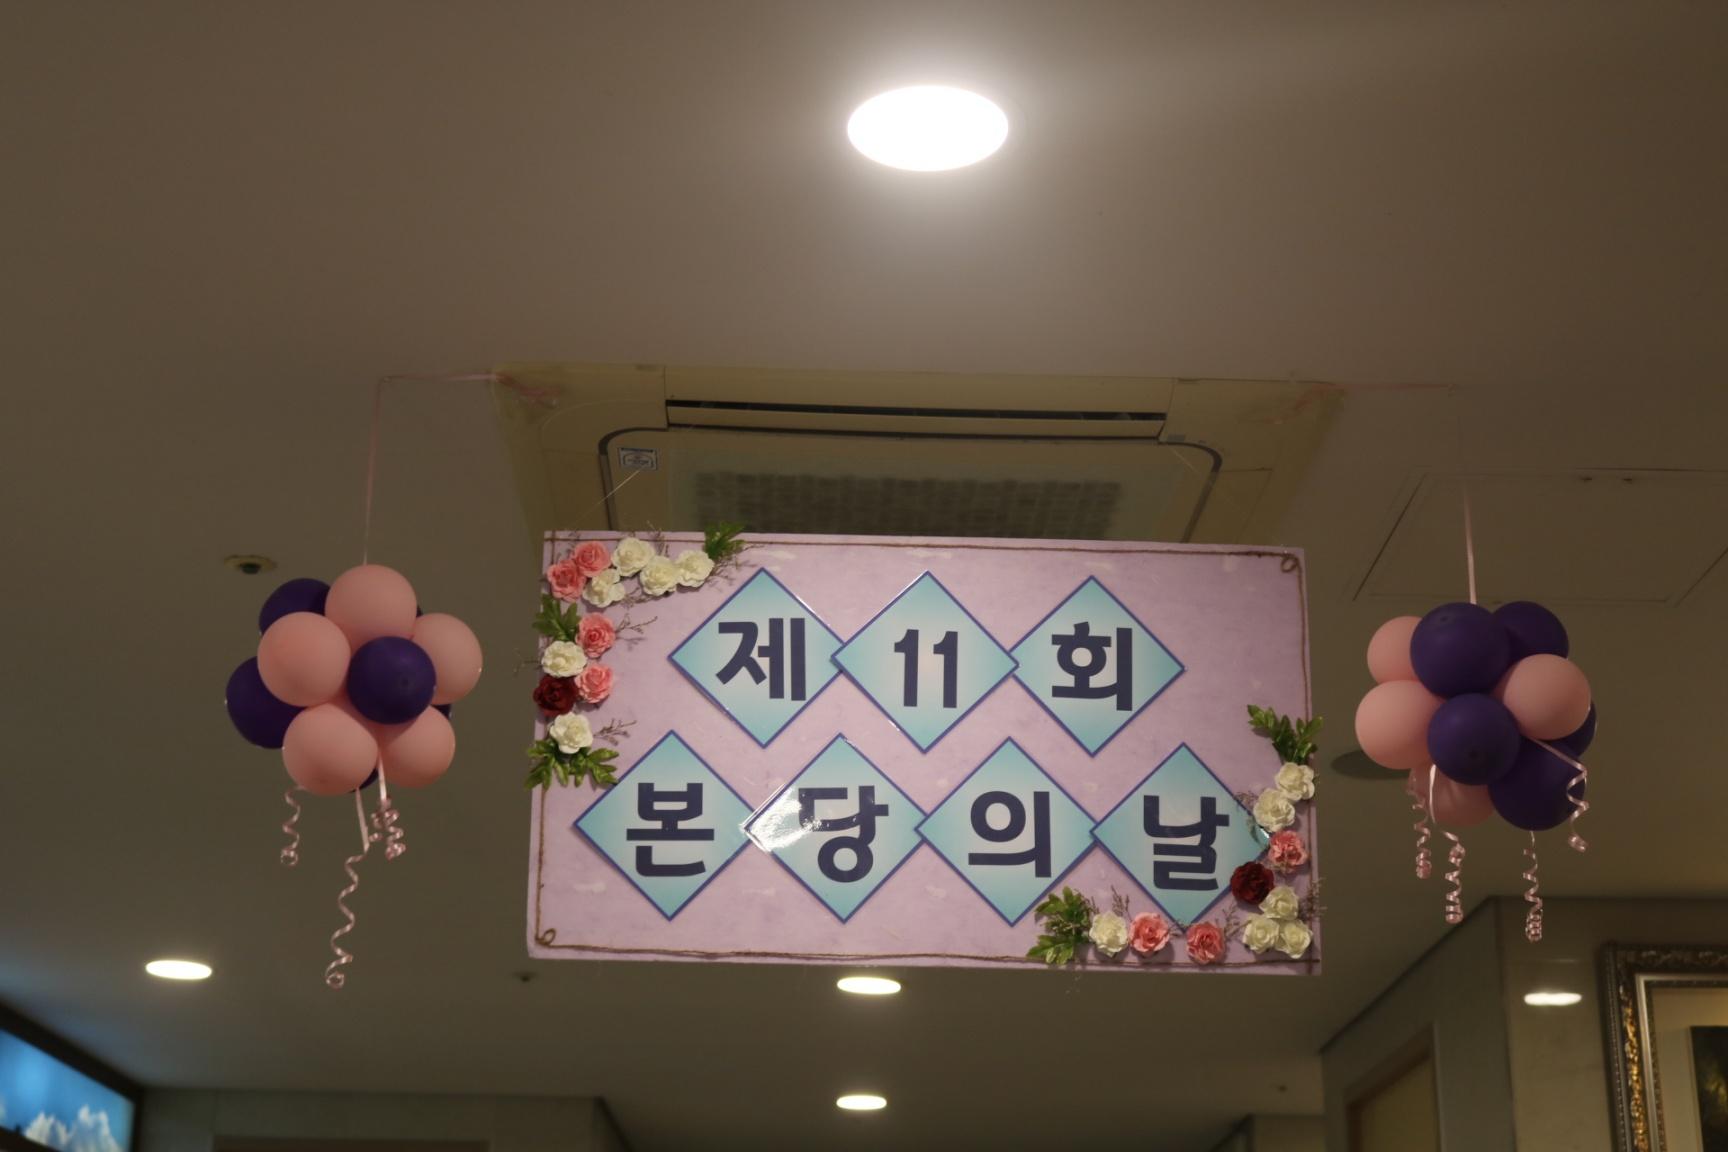 batch_2020-10-11 제11회 본당의 날  (1).JPG